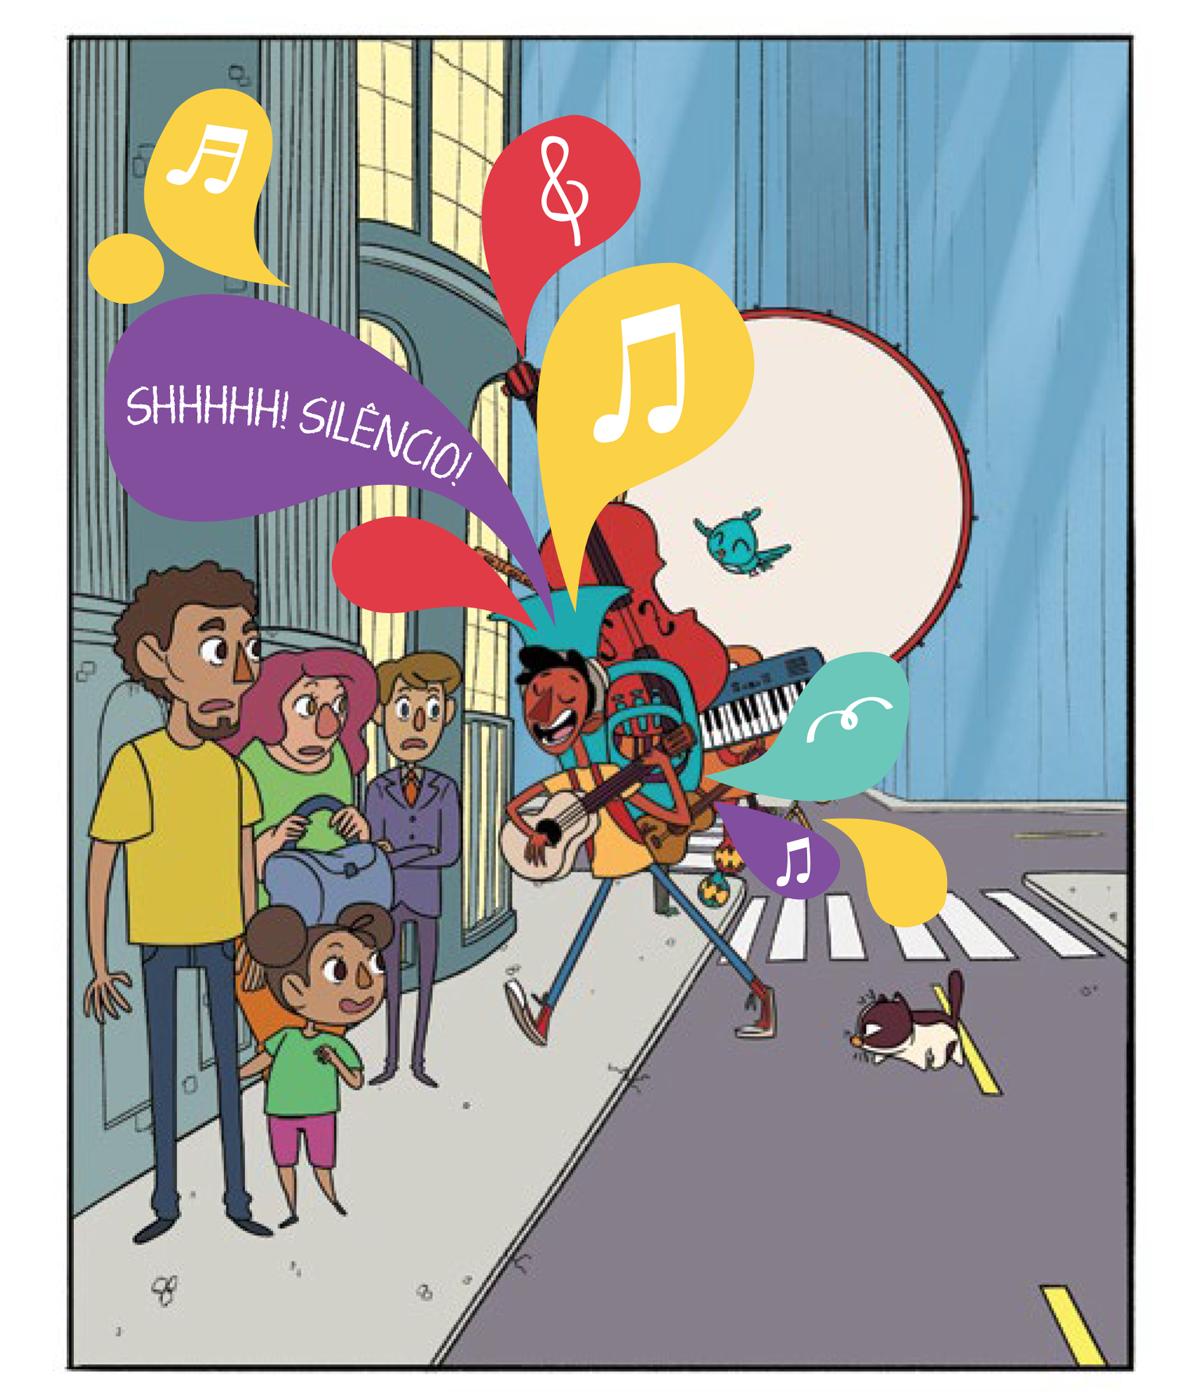 Quadro 2: o jovem instrumentista Tuhu atravessa a rua tocando seu violão e carregando todos os seus outros instrumentos nas costas, violoncelo, teclado, viola, trompa, chocalho. Seguido pela sagaz passarinha, Noêmia e pelo gato preguiçoso, Raul. As pessoas na fila observam ainda sem entender. Na fila, o público que aguarda para entrar no teatro olha com curiosidade e surpresa.